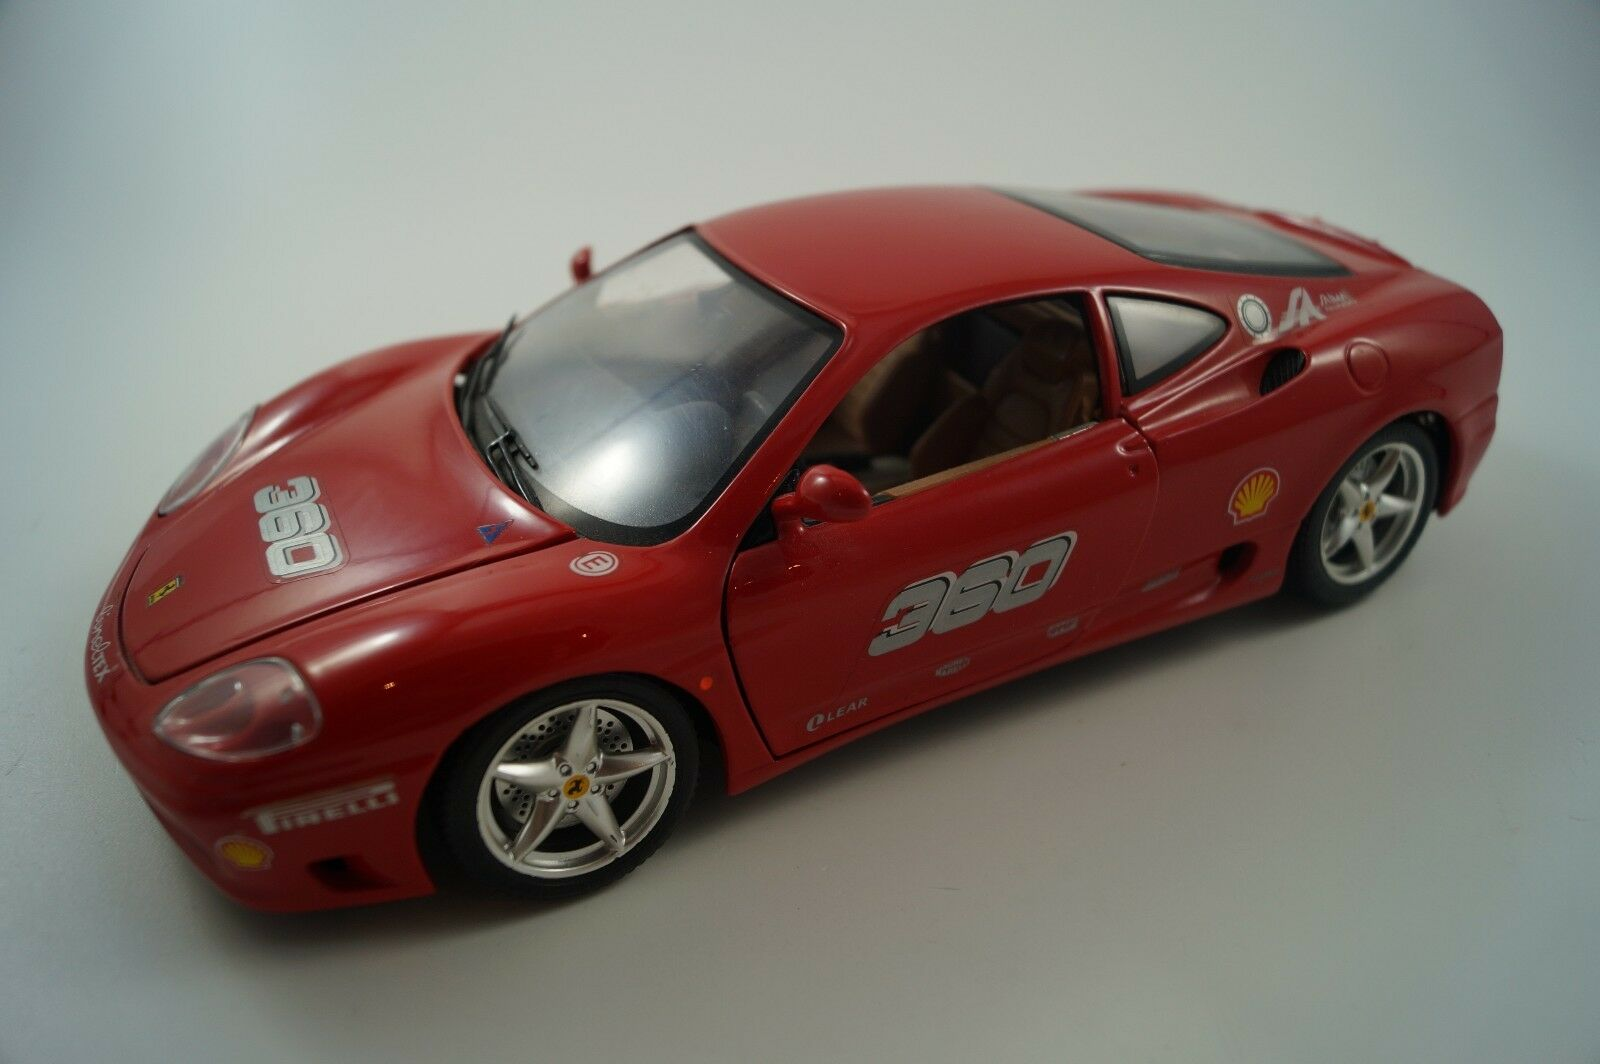 BBURAGO BURAGO voiture miniature 1 18 Ferrari 360 Modena Challenge 1999 Nº 360